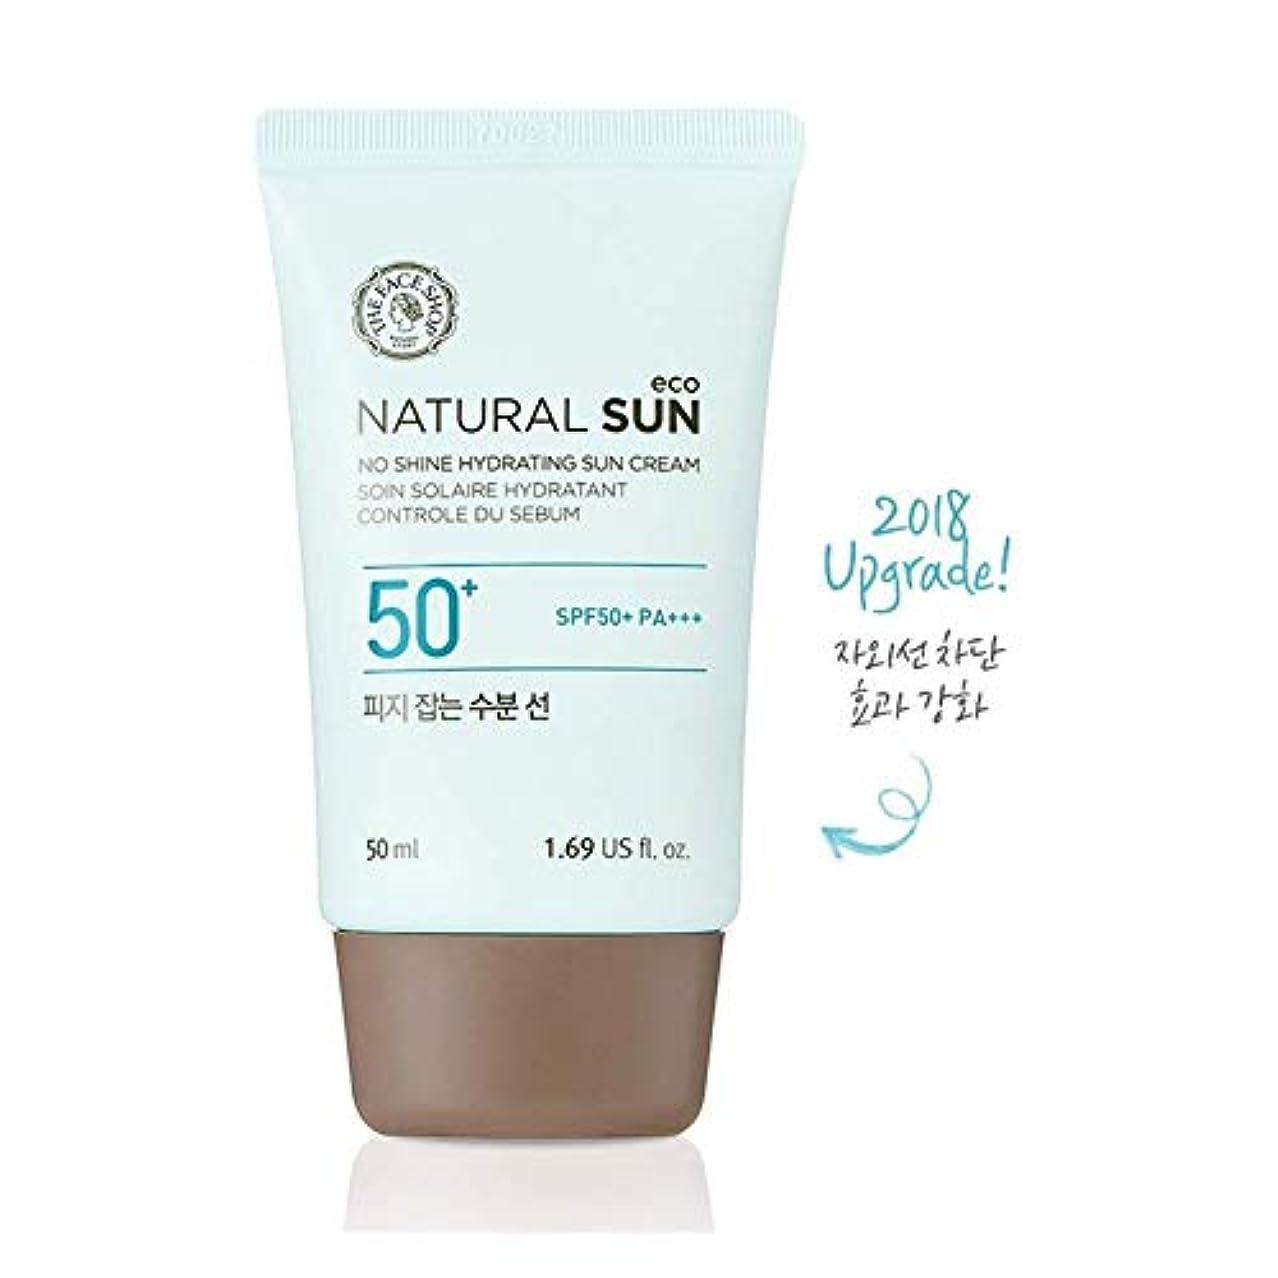 スコットランド人暴徒酸化物ザ?フェイスショップ ネチュロルソンエコフィジーサン?クリーム SPF50+PA+++50ml 韓国コスメ、The Face Shop Natural Sun Eco No Shine Hydrating Sun Cream...